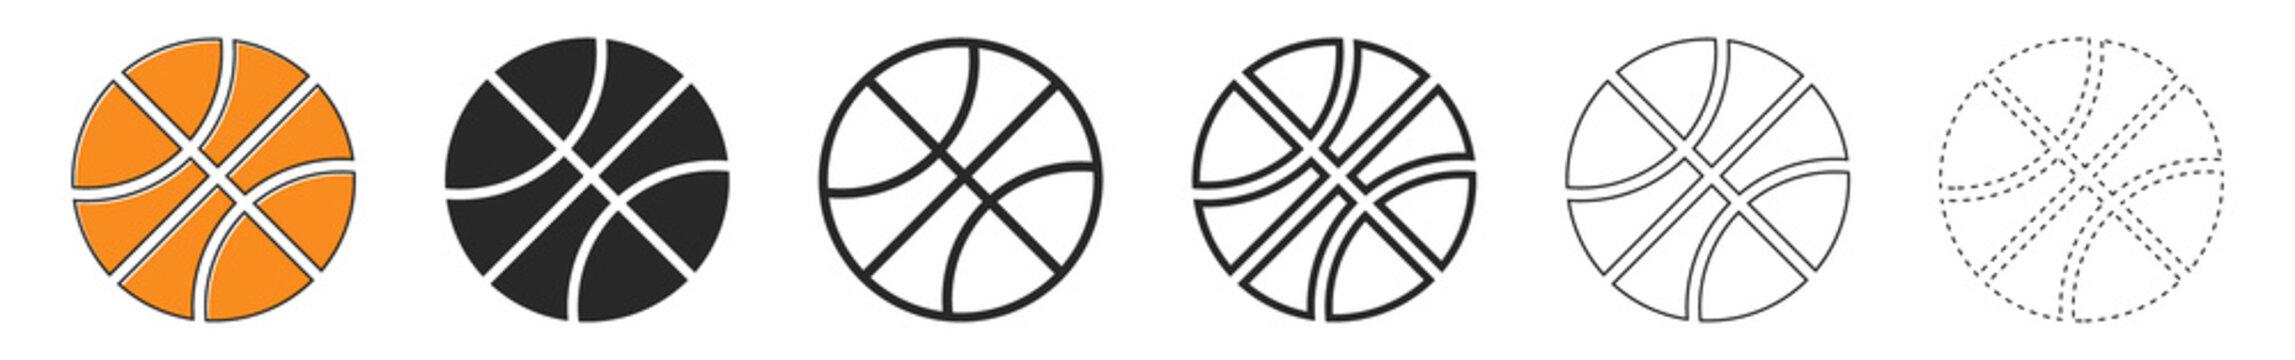 Basketball ball icons. Set of basketball balls isolated.